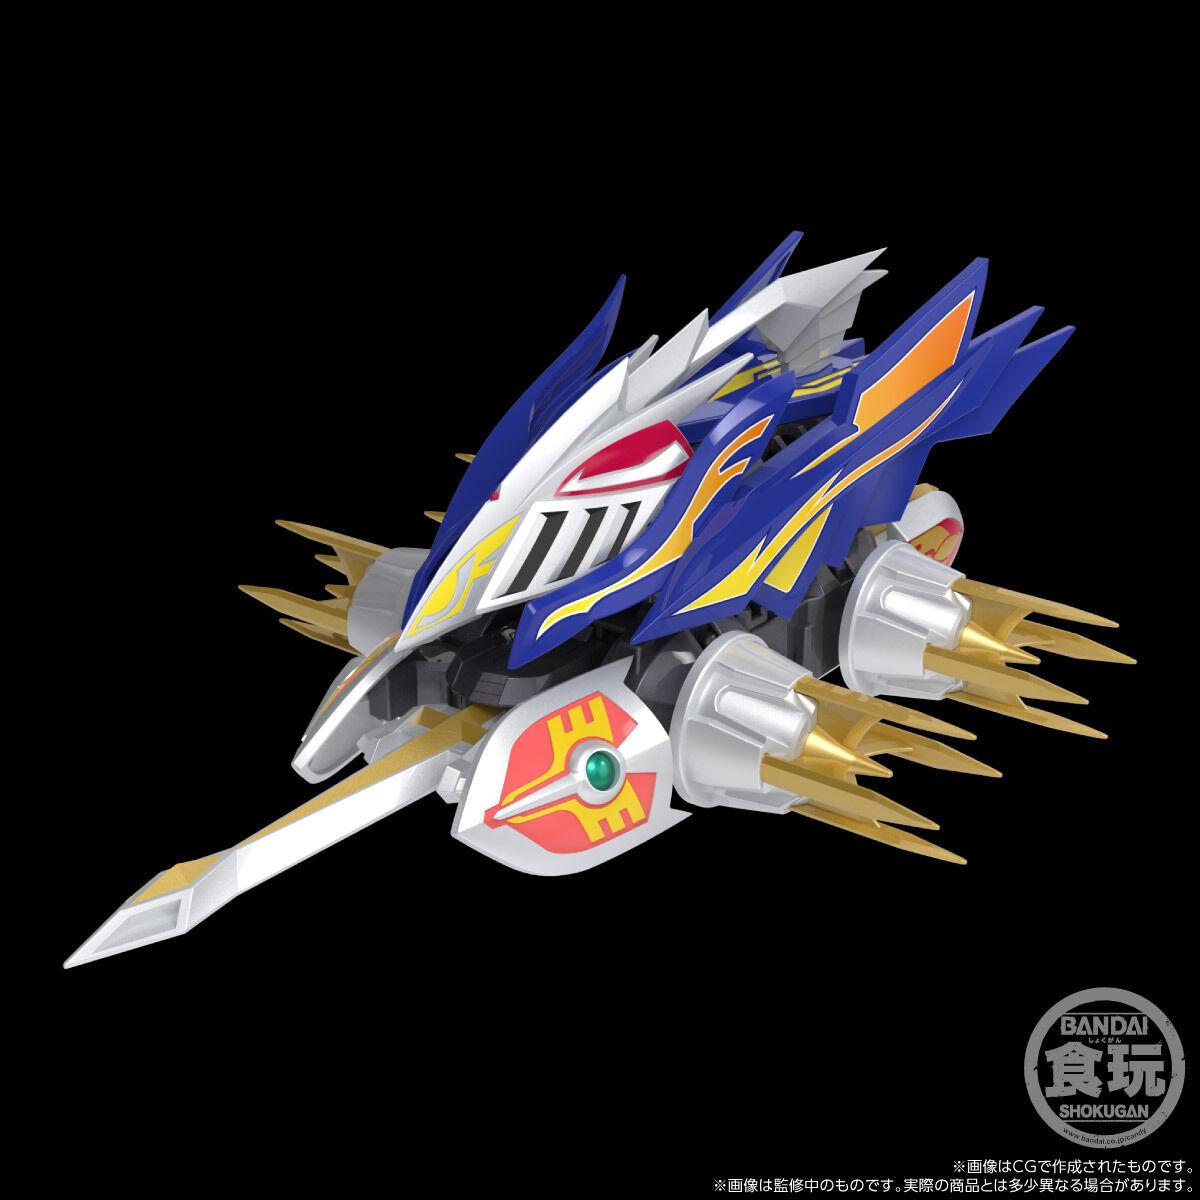 【限定販売】【食玩】SMP[SHOKUGAN MODELING PROJECT]『クラッシュギア BATTLE2』激闘!クラッシュギアTURBO 4個入りBOX-002